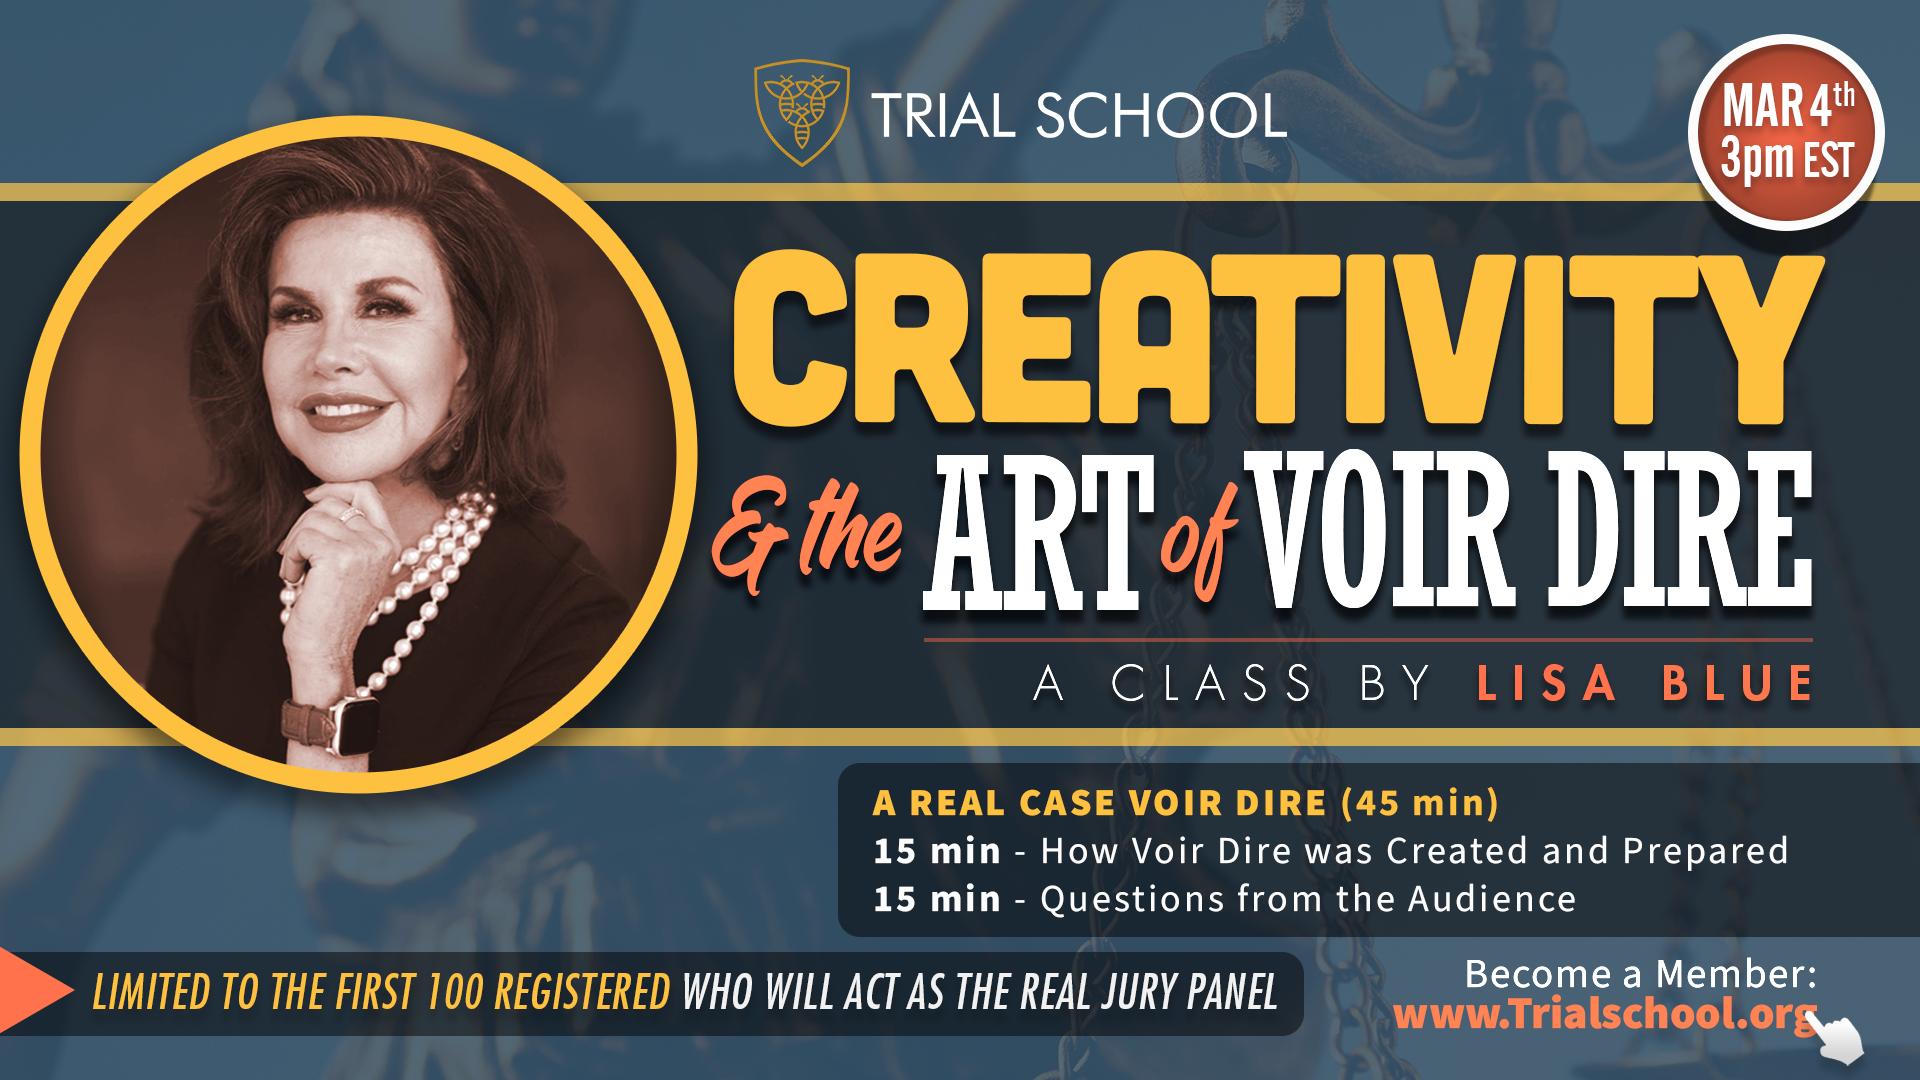 Creativity & the Art of Voir Dire - A Class by Lisa Blue